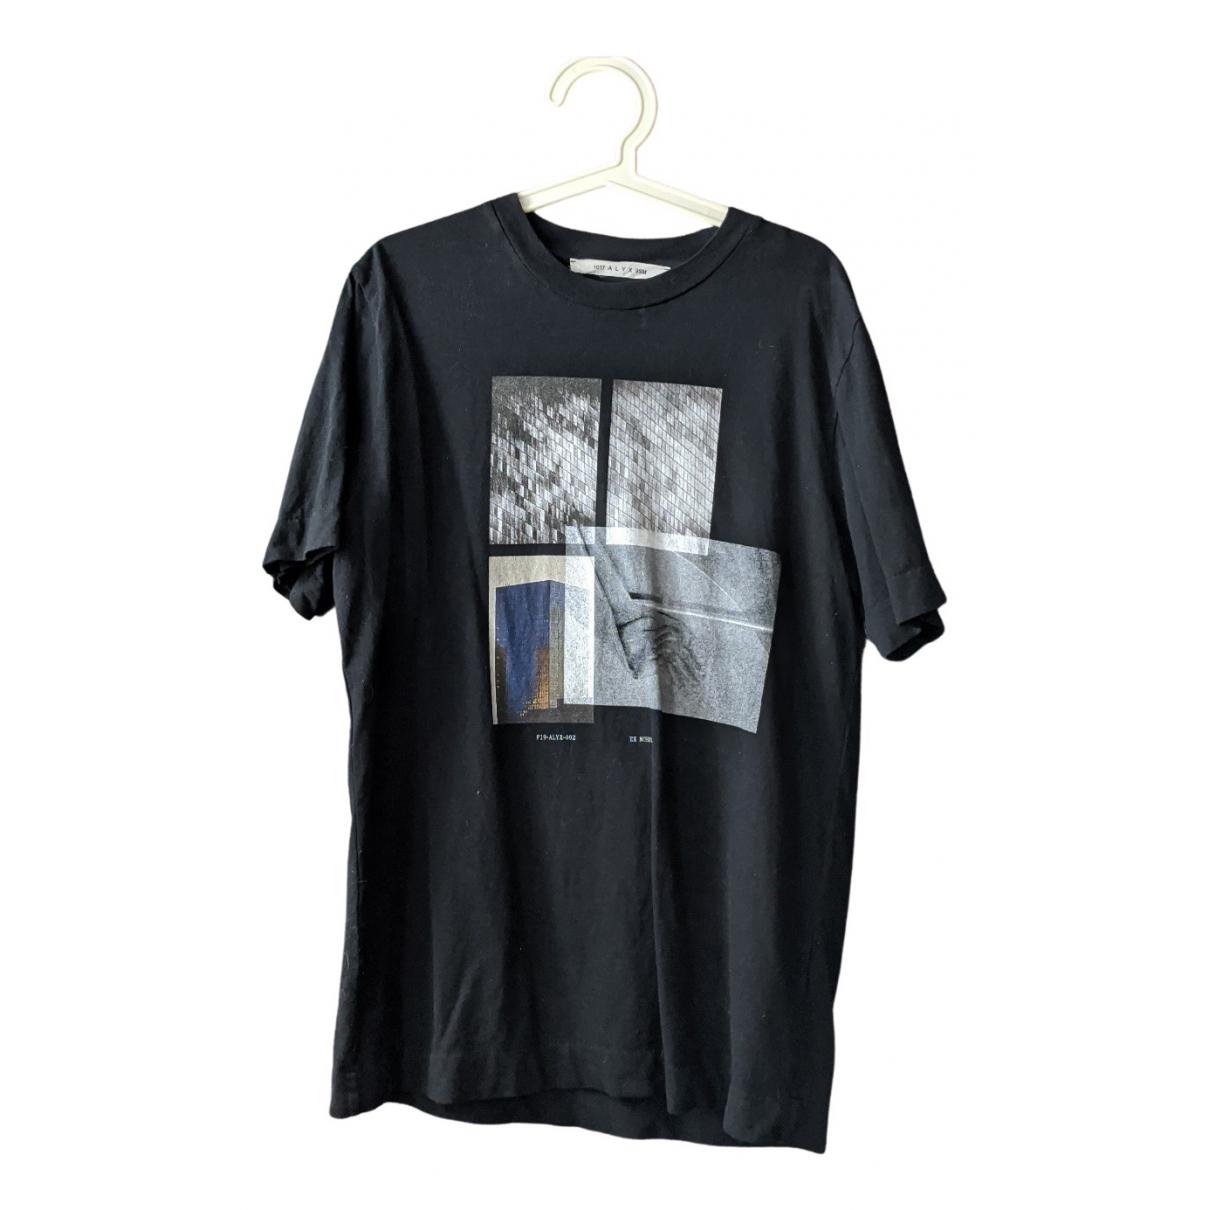 Alyx - Tee shirts   pour homme en coton - noir